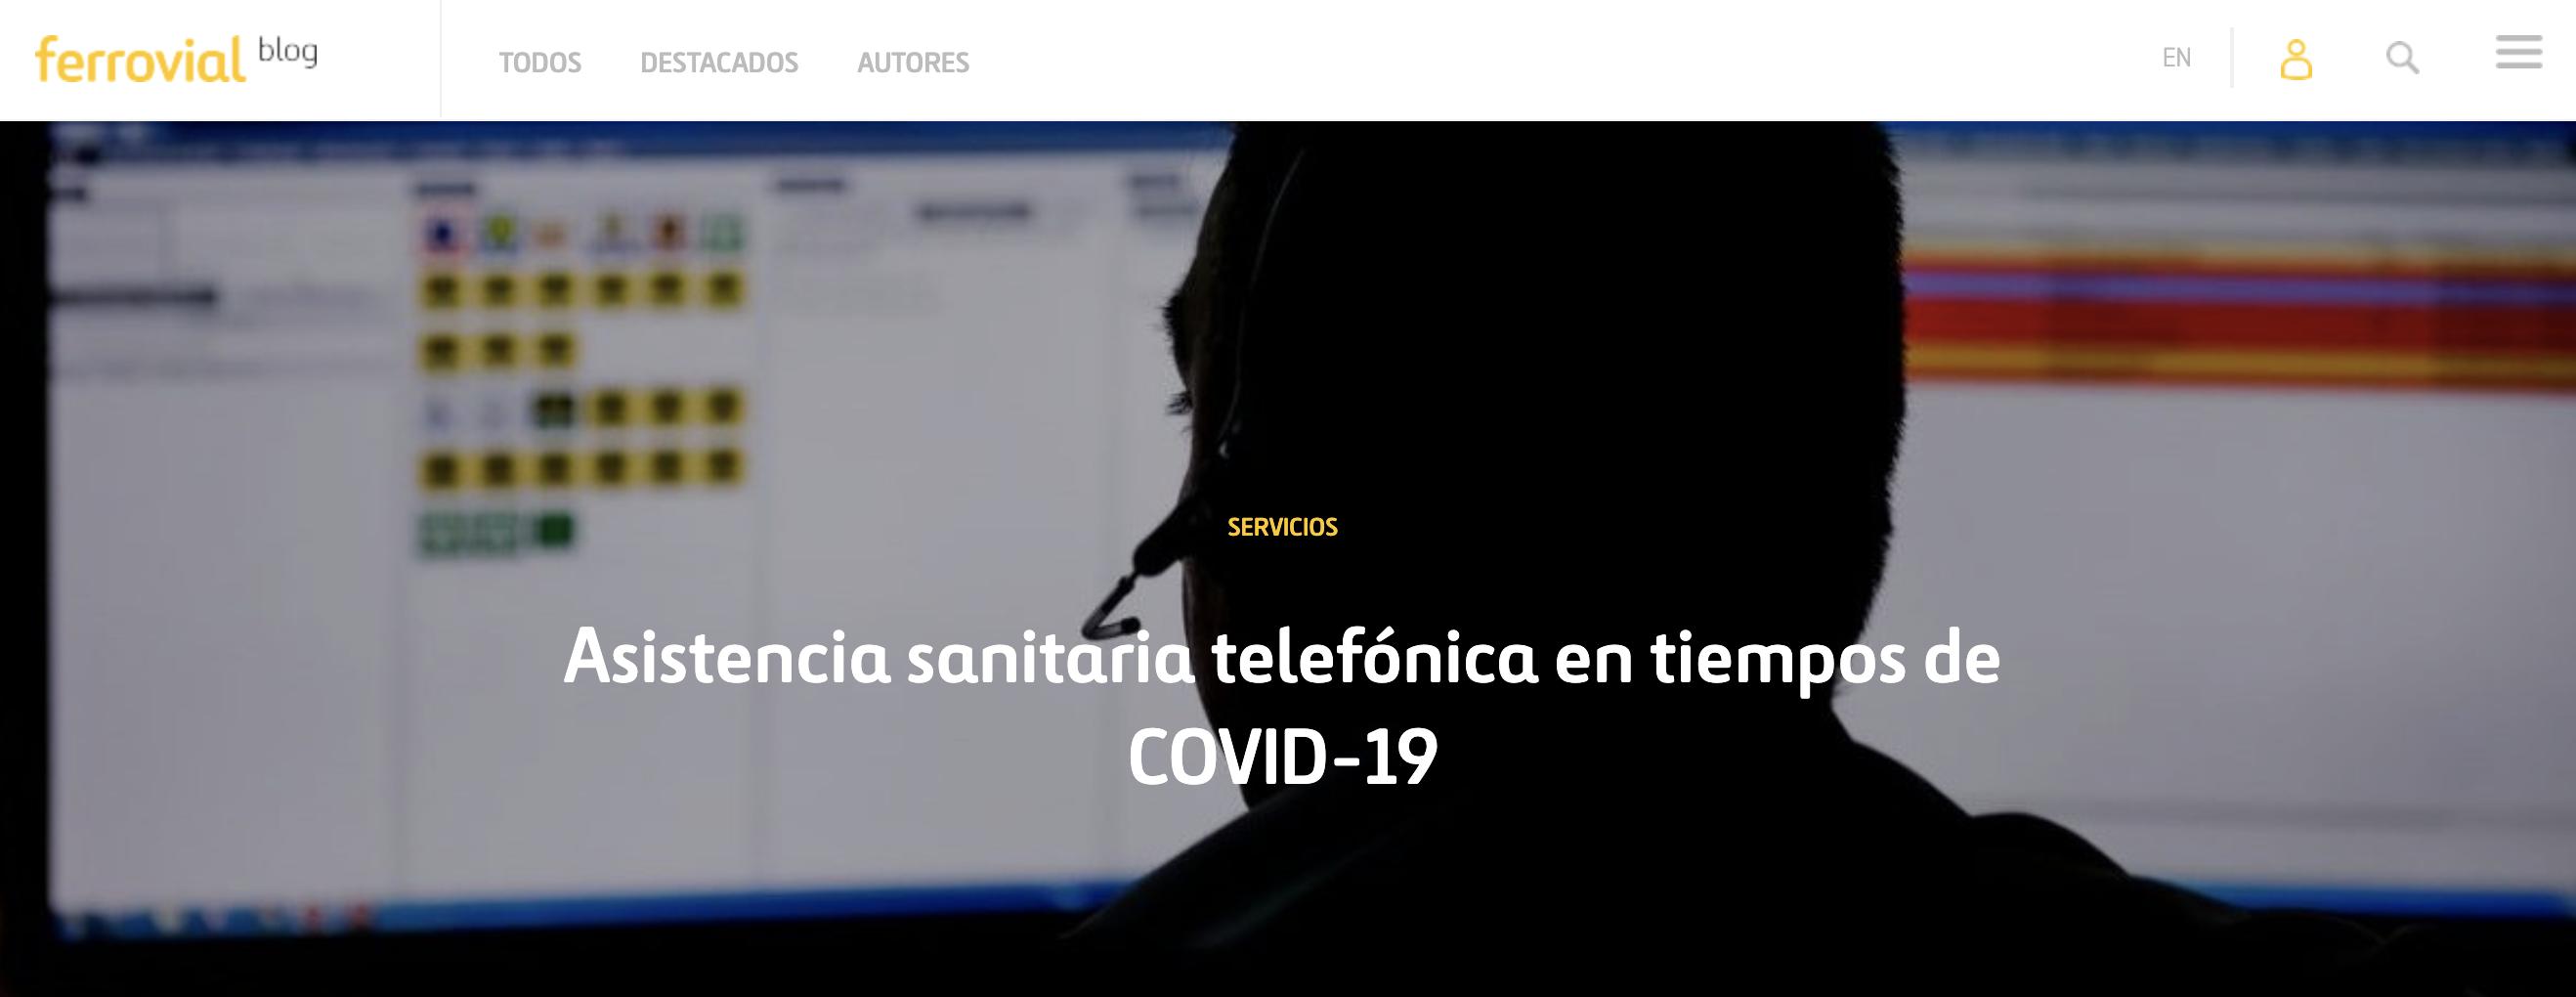 Els altres contractes de Ferrovial: 33,3 milions en serveis telefònics, obres, manteniment i neteja